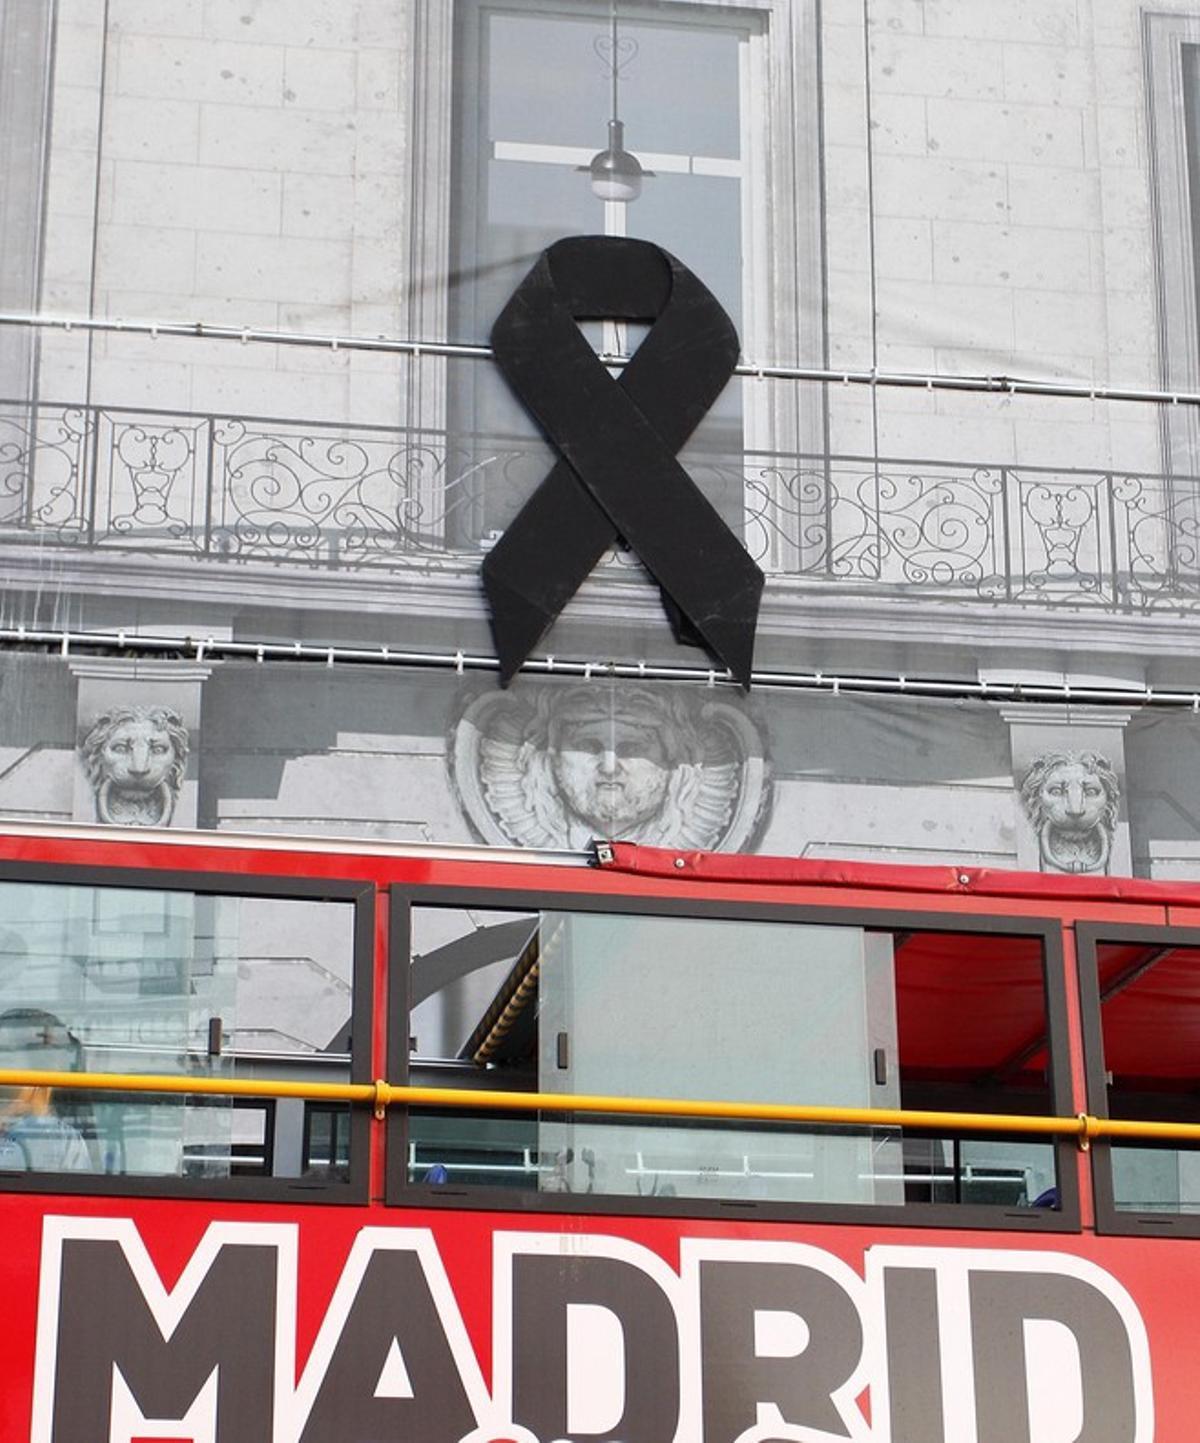 Fachada de la Real Casa de Correos sede del Gobierno de la Comunidad de Madrid que luce un gran crespon negro por el atentado ocurrido hoy en las ramblas de Barcelona.